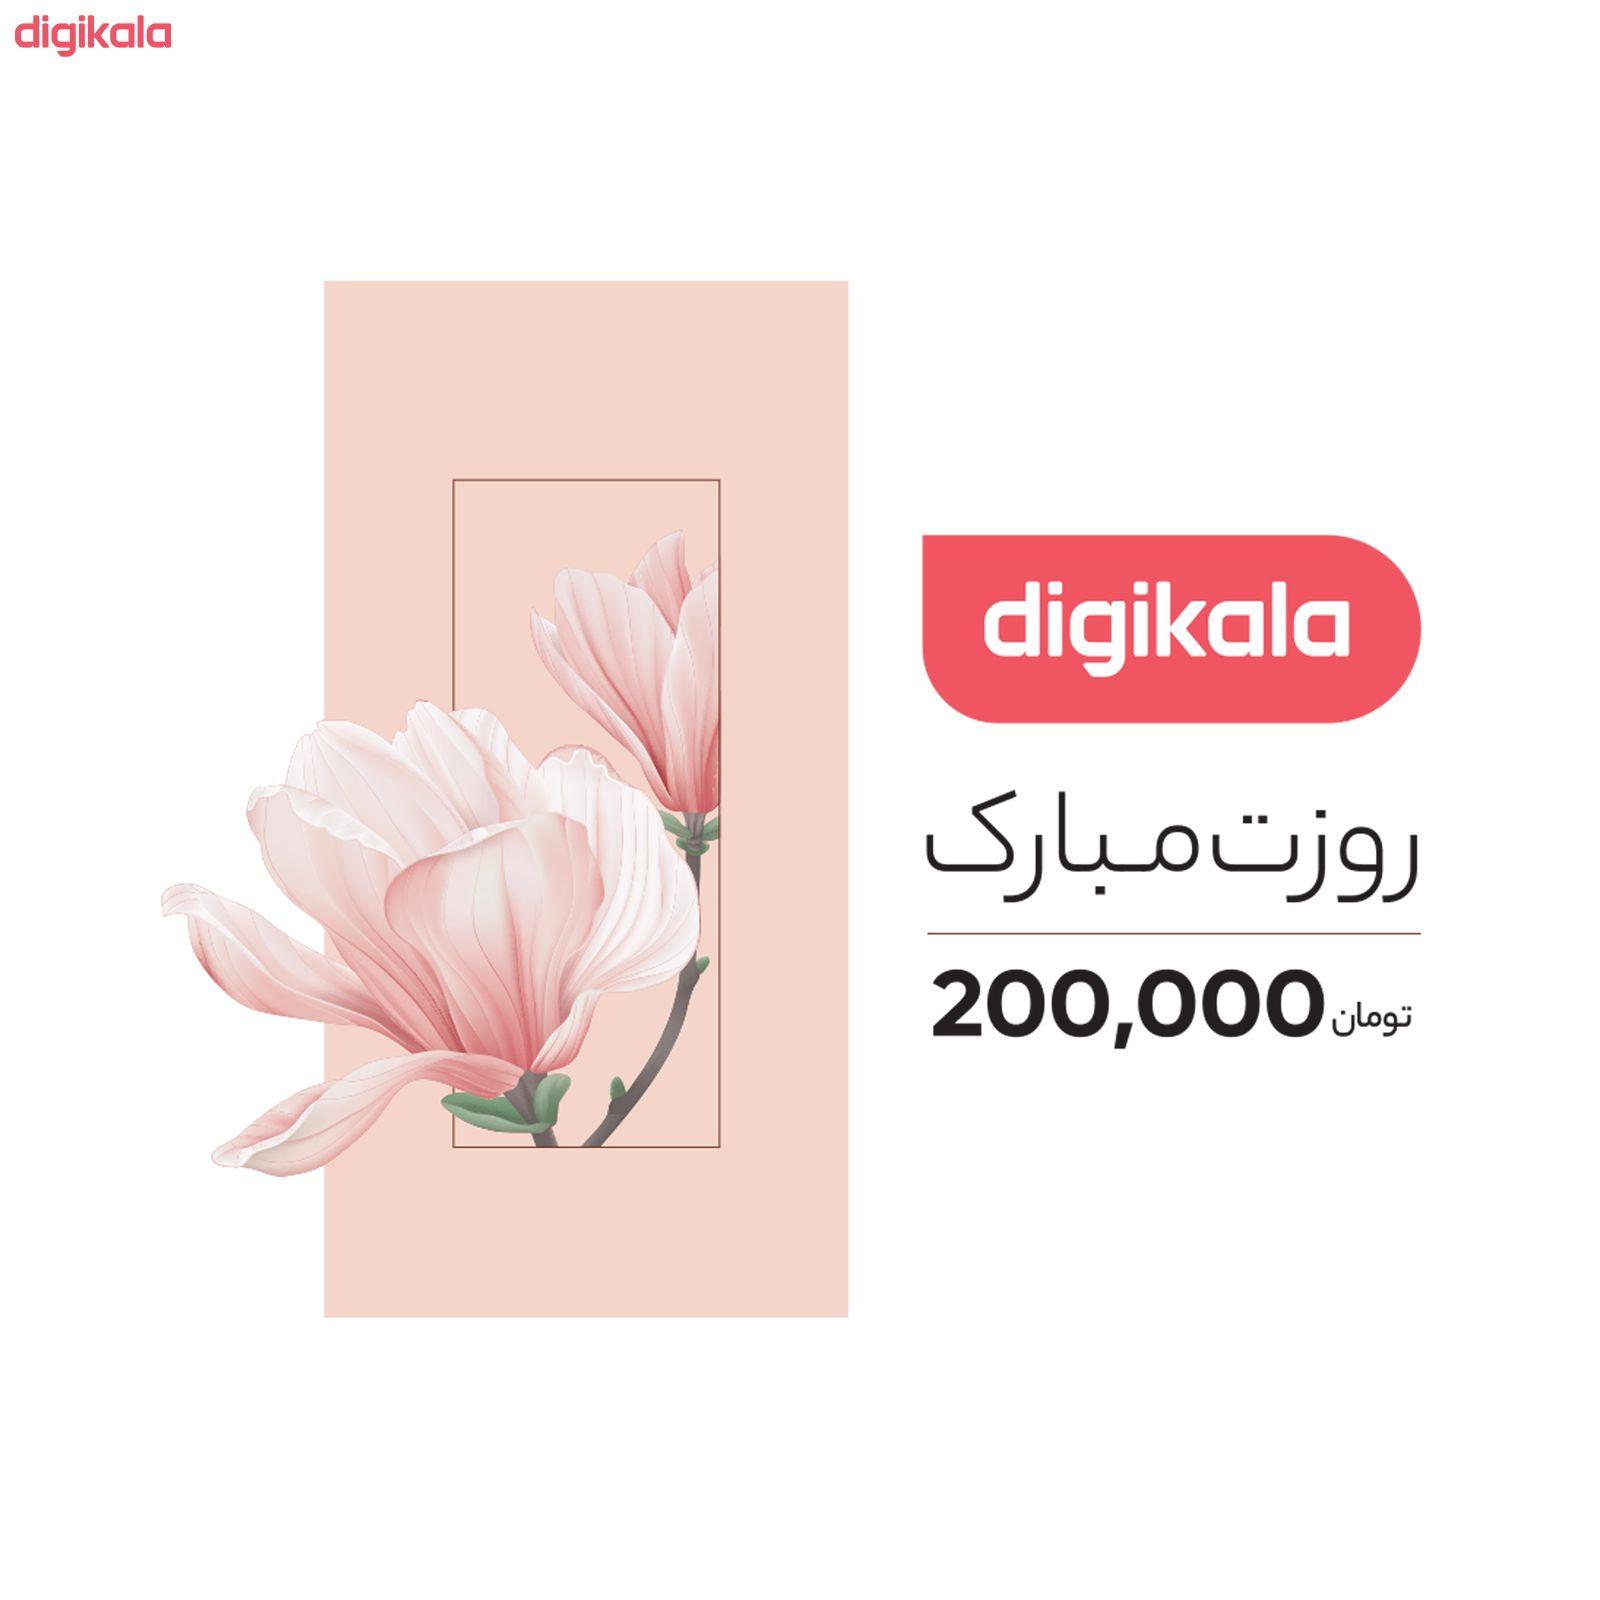 کارت هدیه دیجی کالا به ارزش 200,000 تومان طرح روز زن  main 1 1